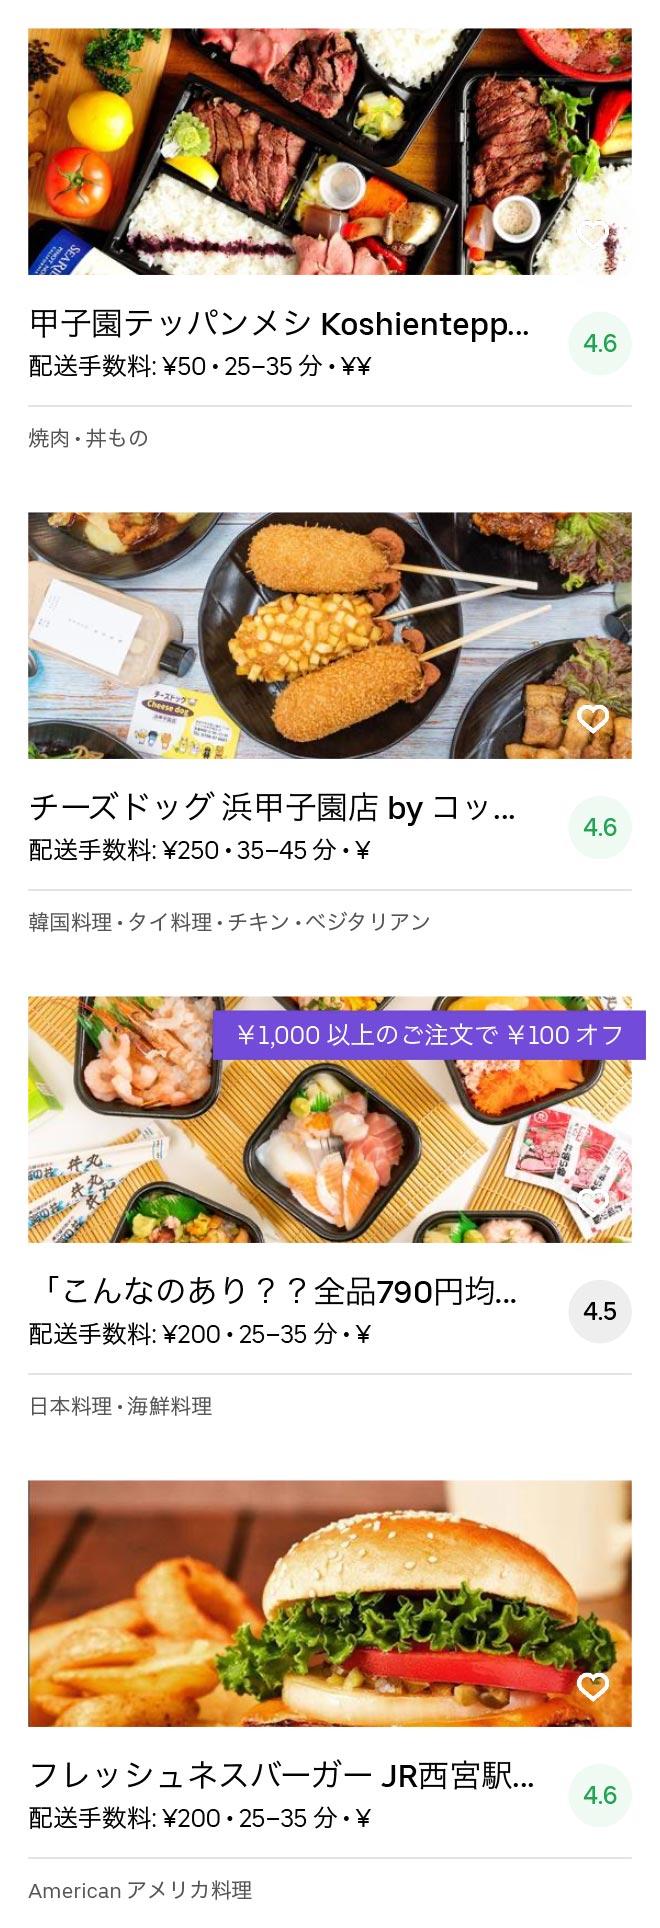 Nishinomiya koshien menu 2005 04